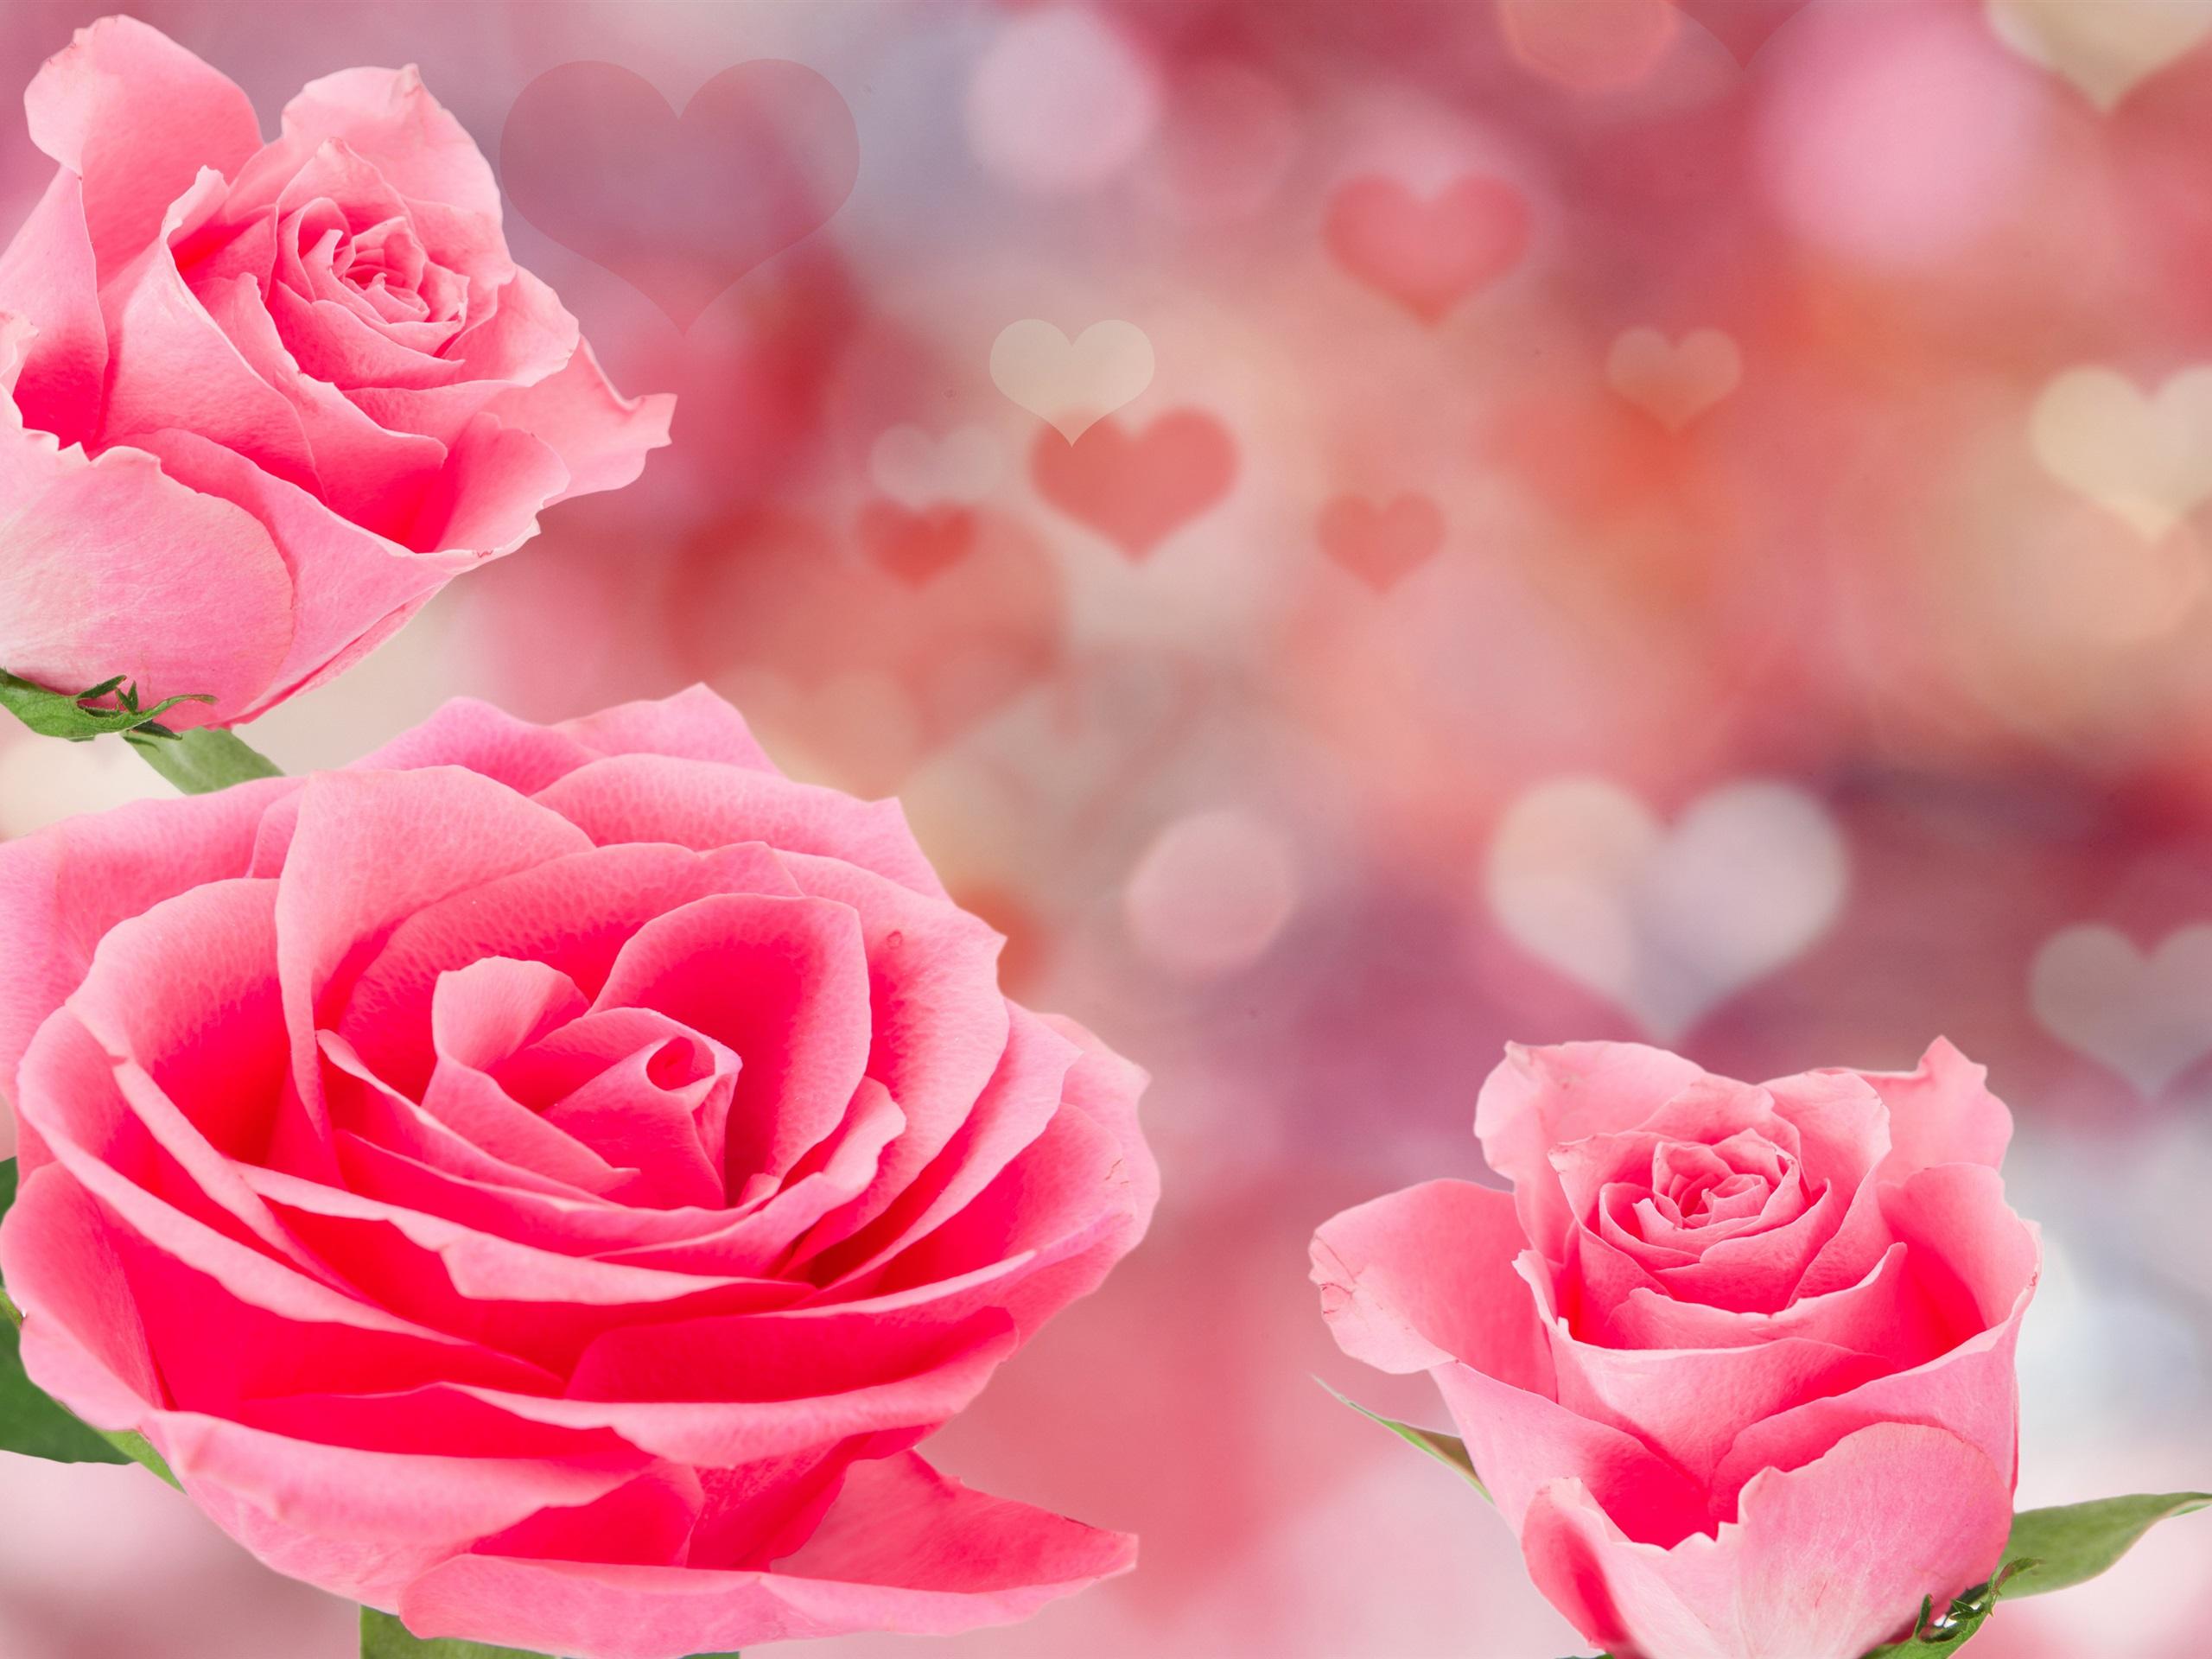 якорь зацепился, фон картинок розы розовый гладкой поверхности минерала